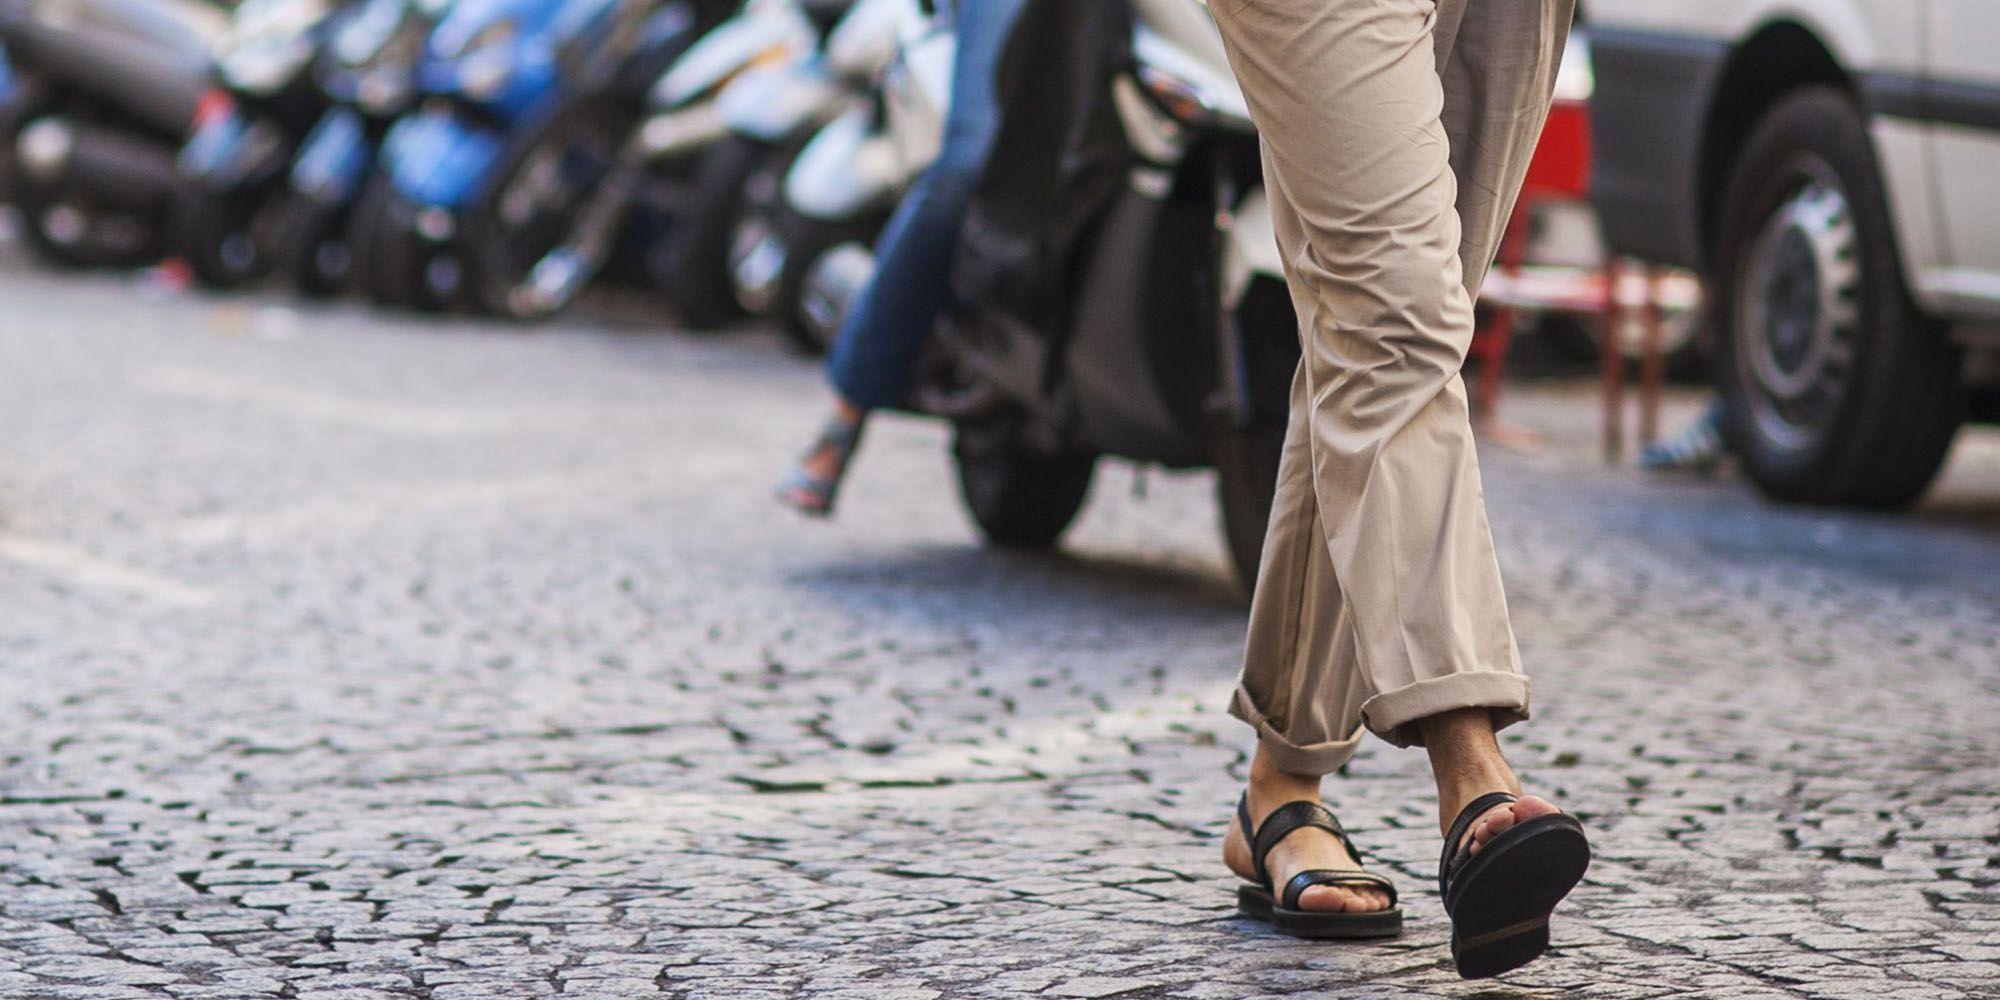 Heren slippers – Zo draag je heren slippers en dit zijn de